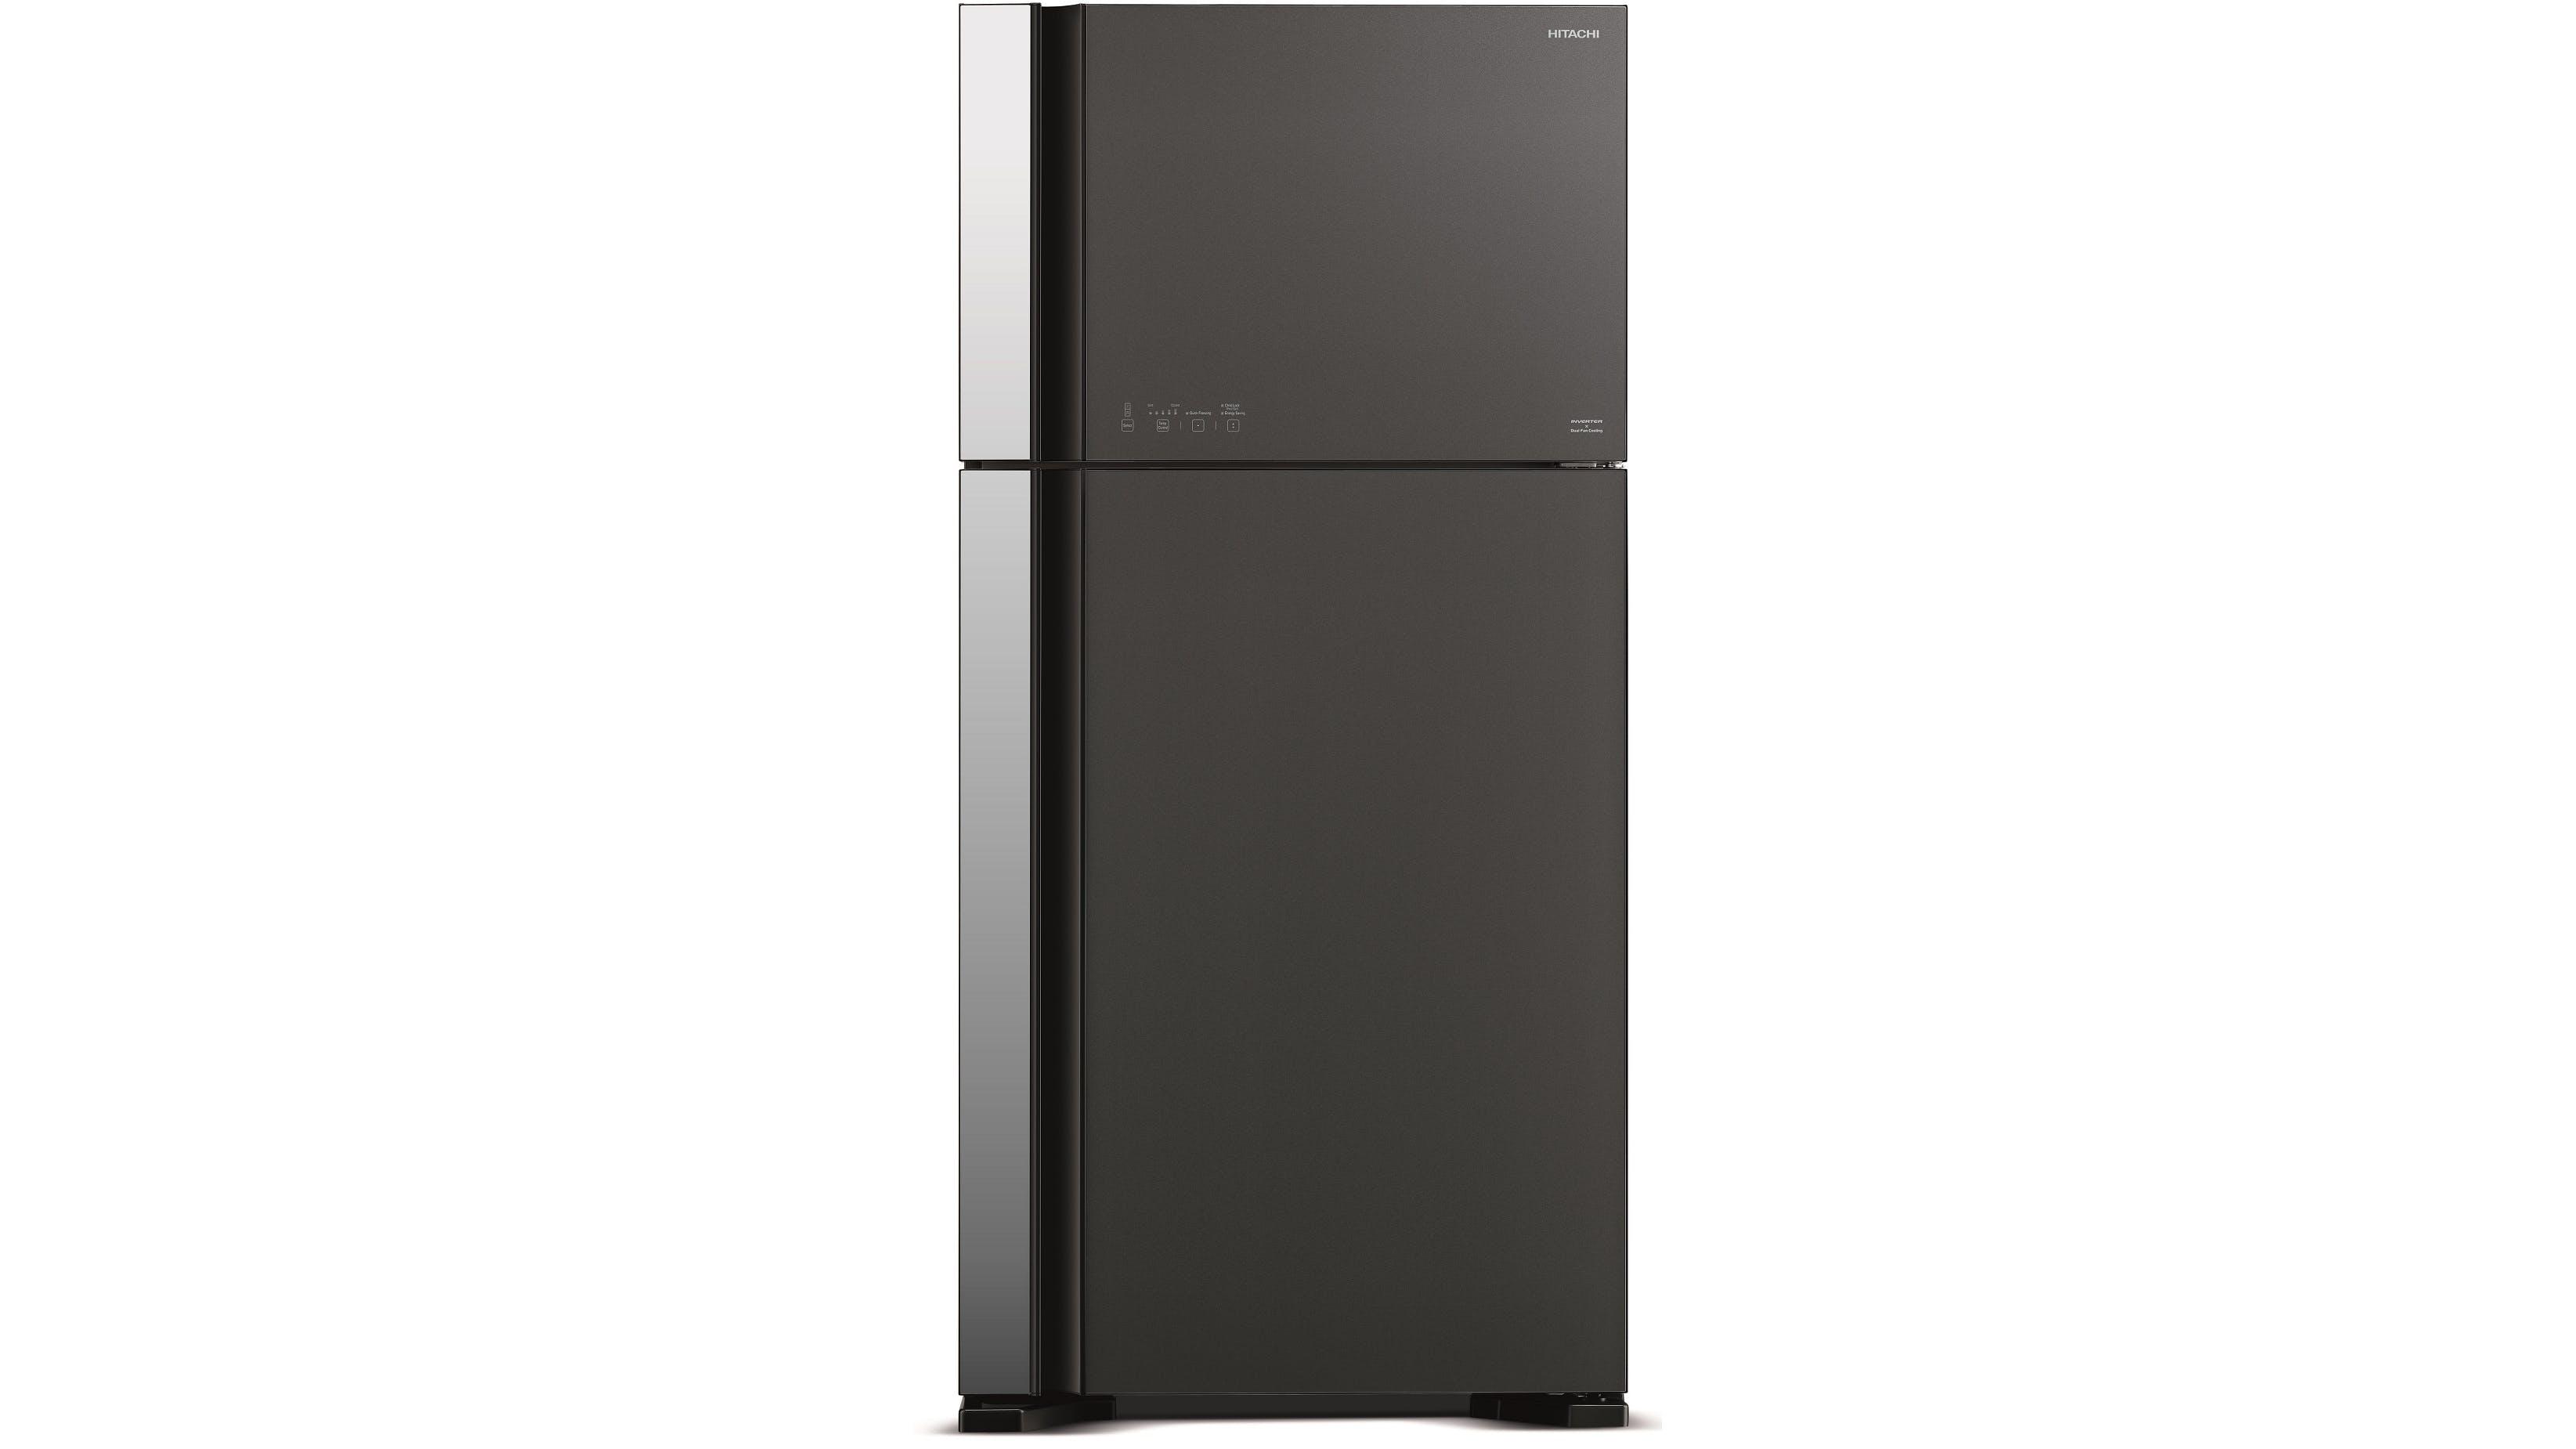 Hitachi 550l 2 door top freezer refrigerator black for 1 door fridge malaysia